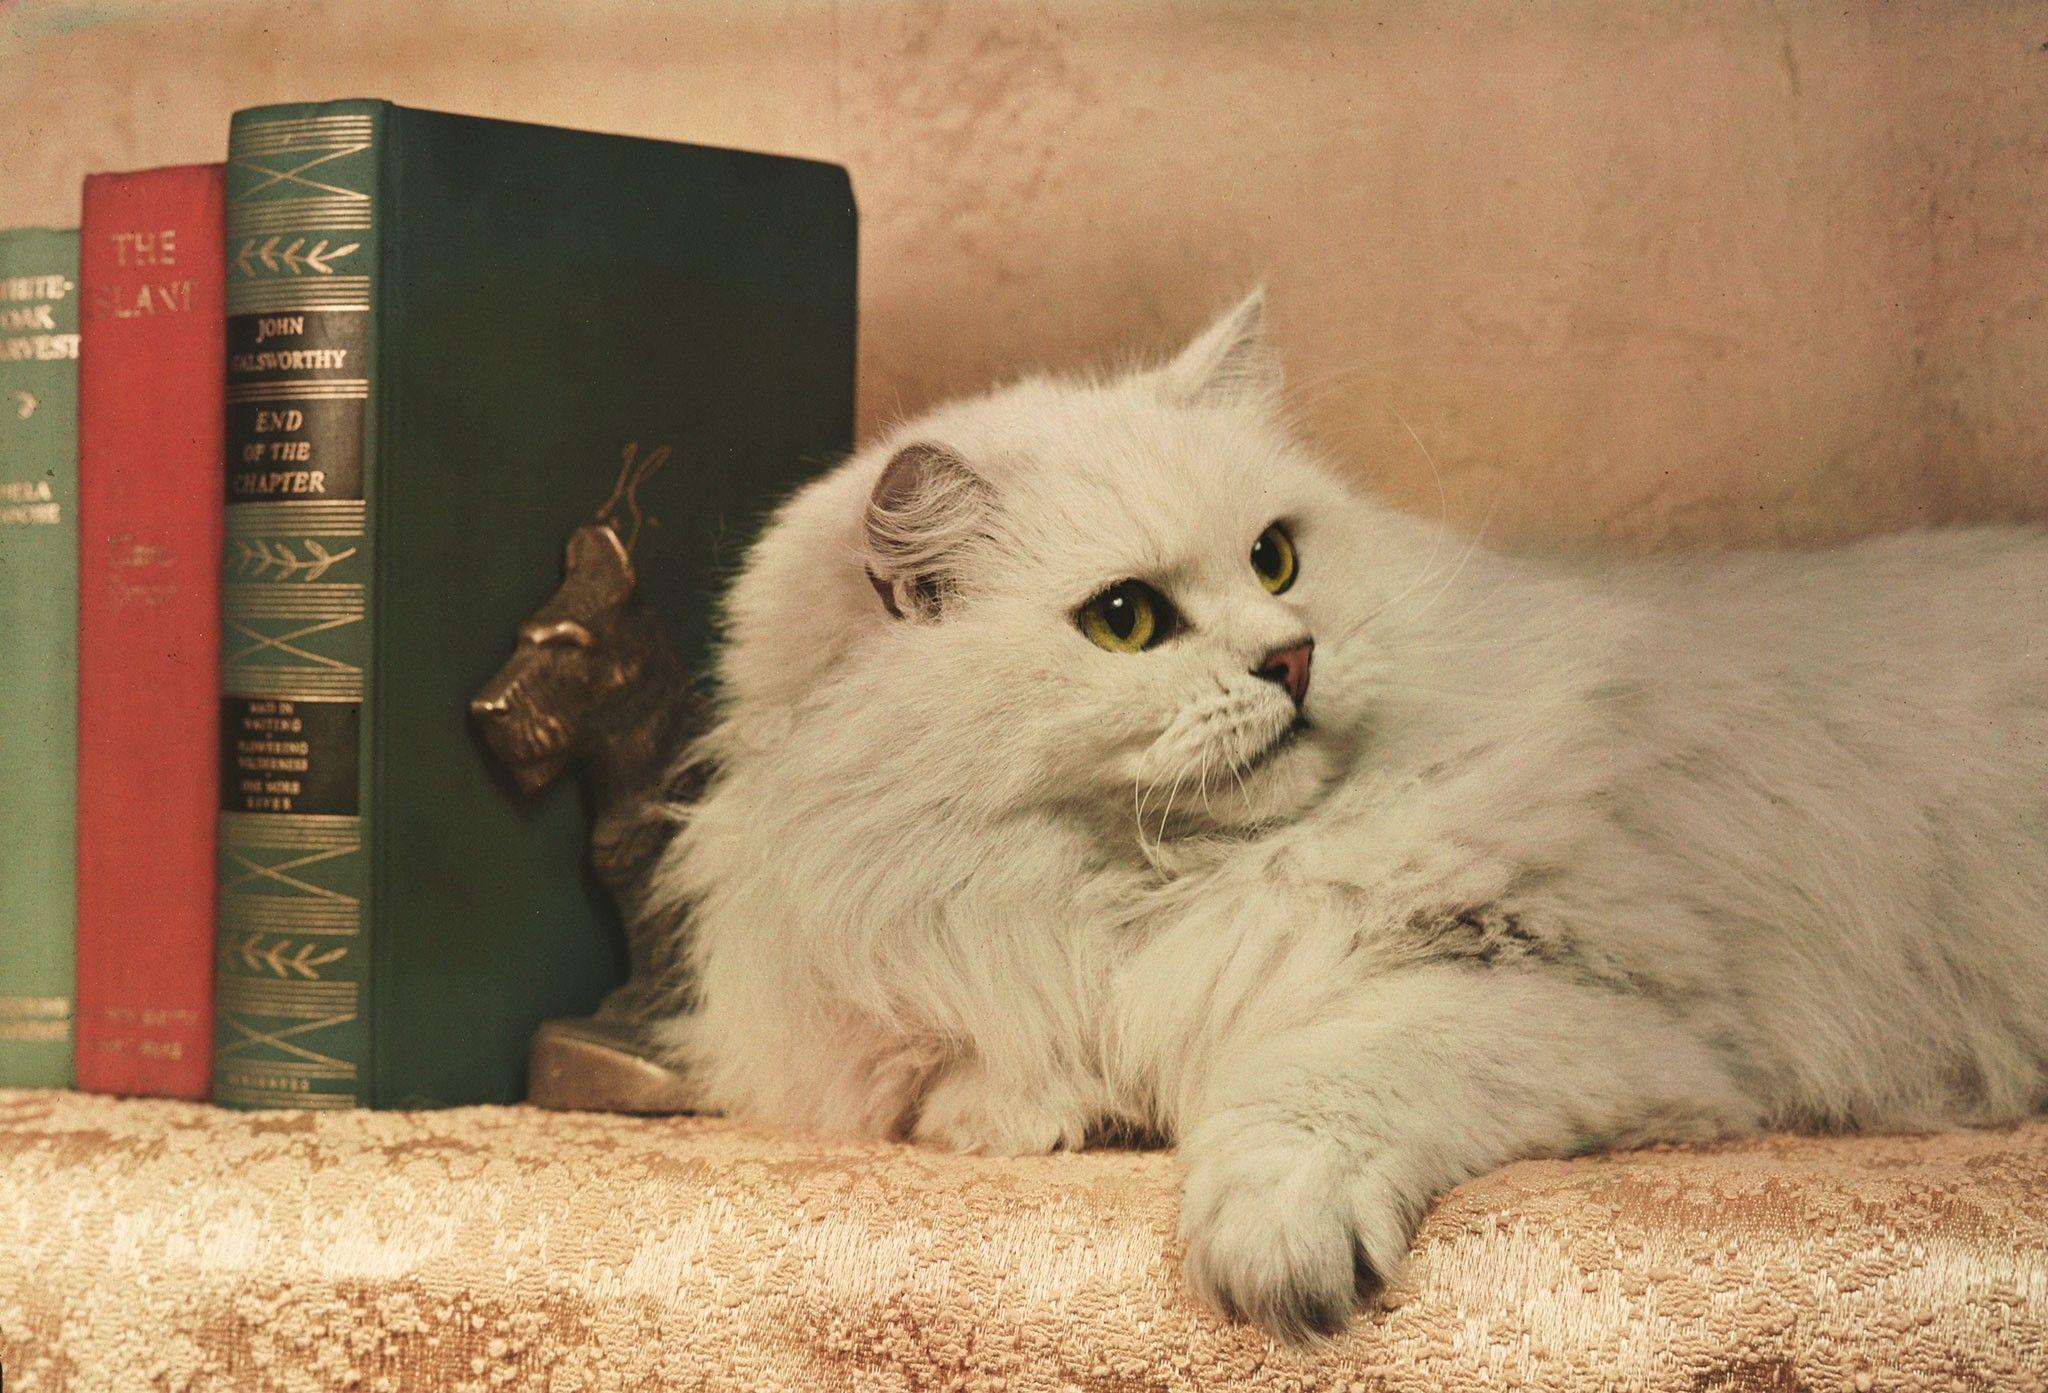 Vintage-Fotos von verwöhnten Katzen | National Geographic